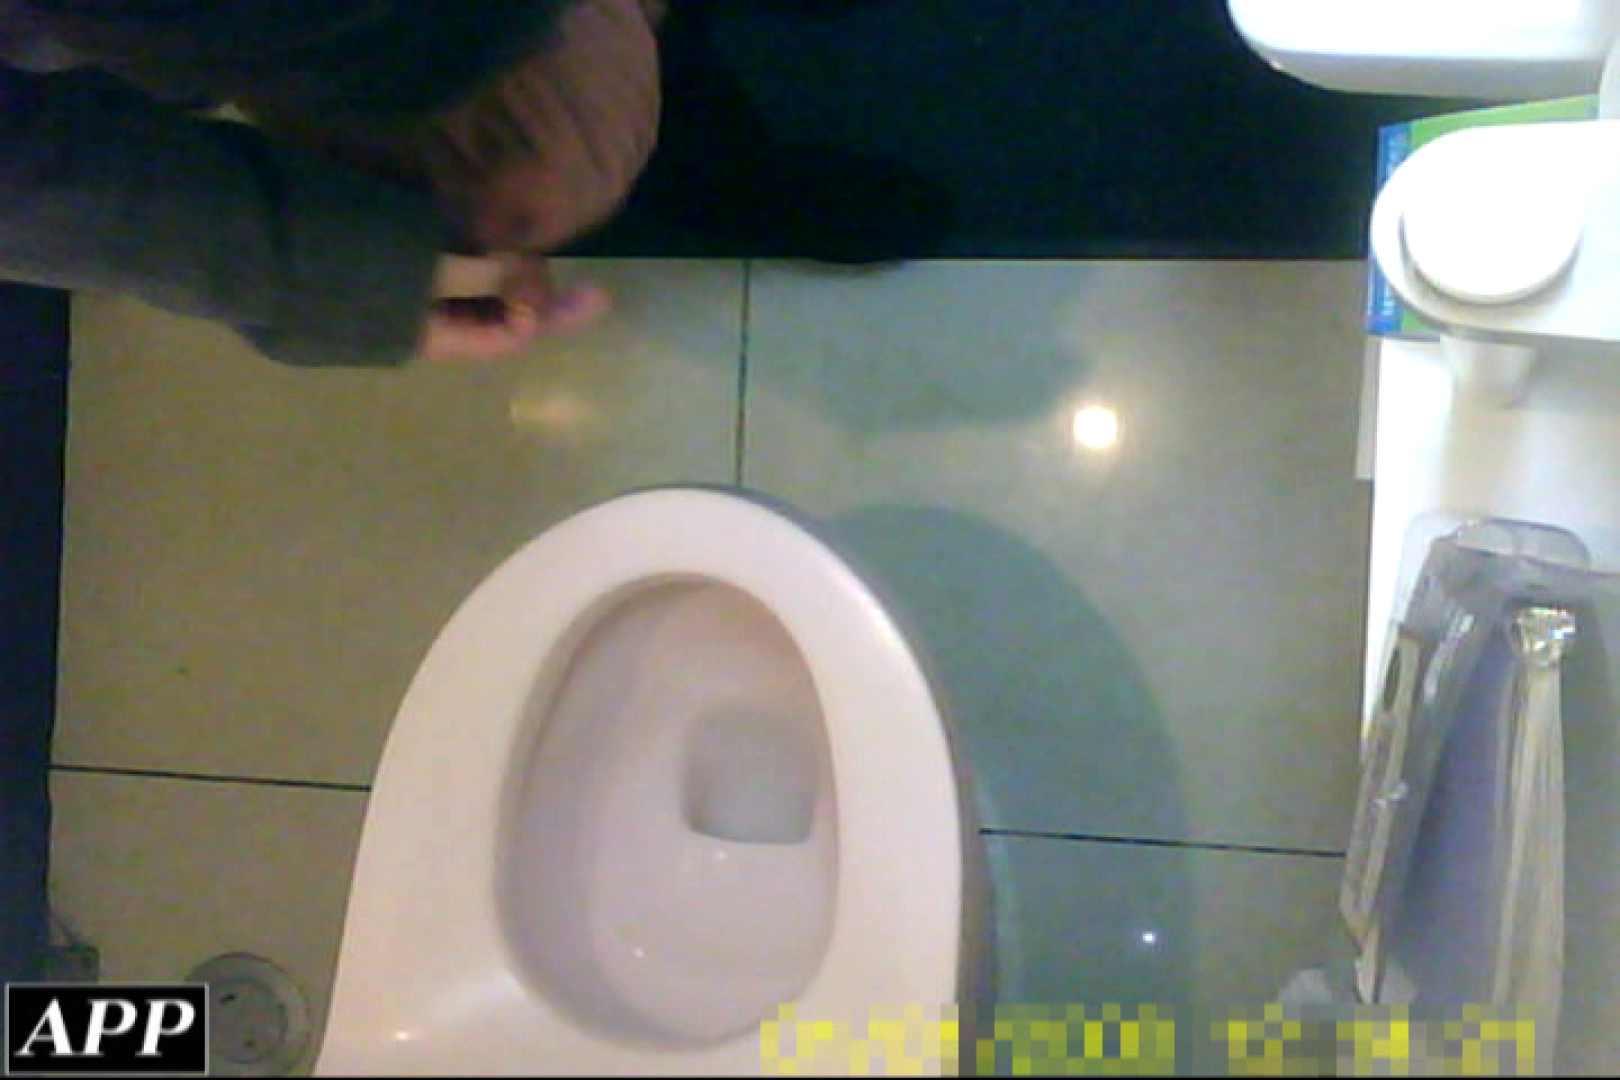 3視点洗面所 vol.38 オマンコ特集 おまんこ動画流出 104pic 78